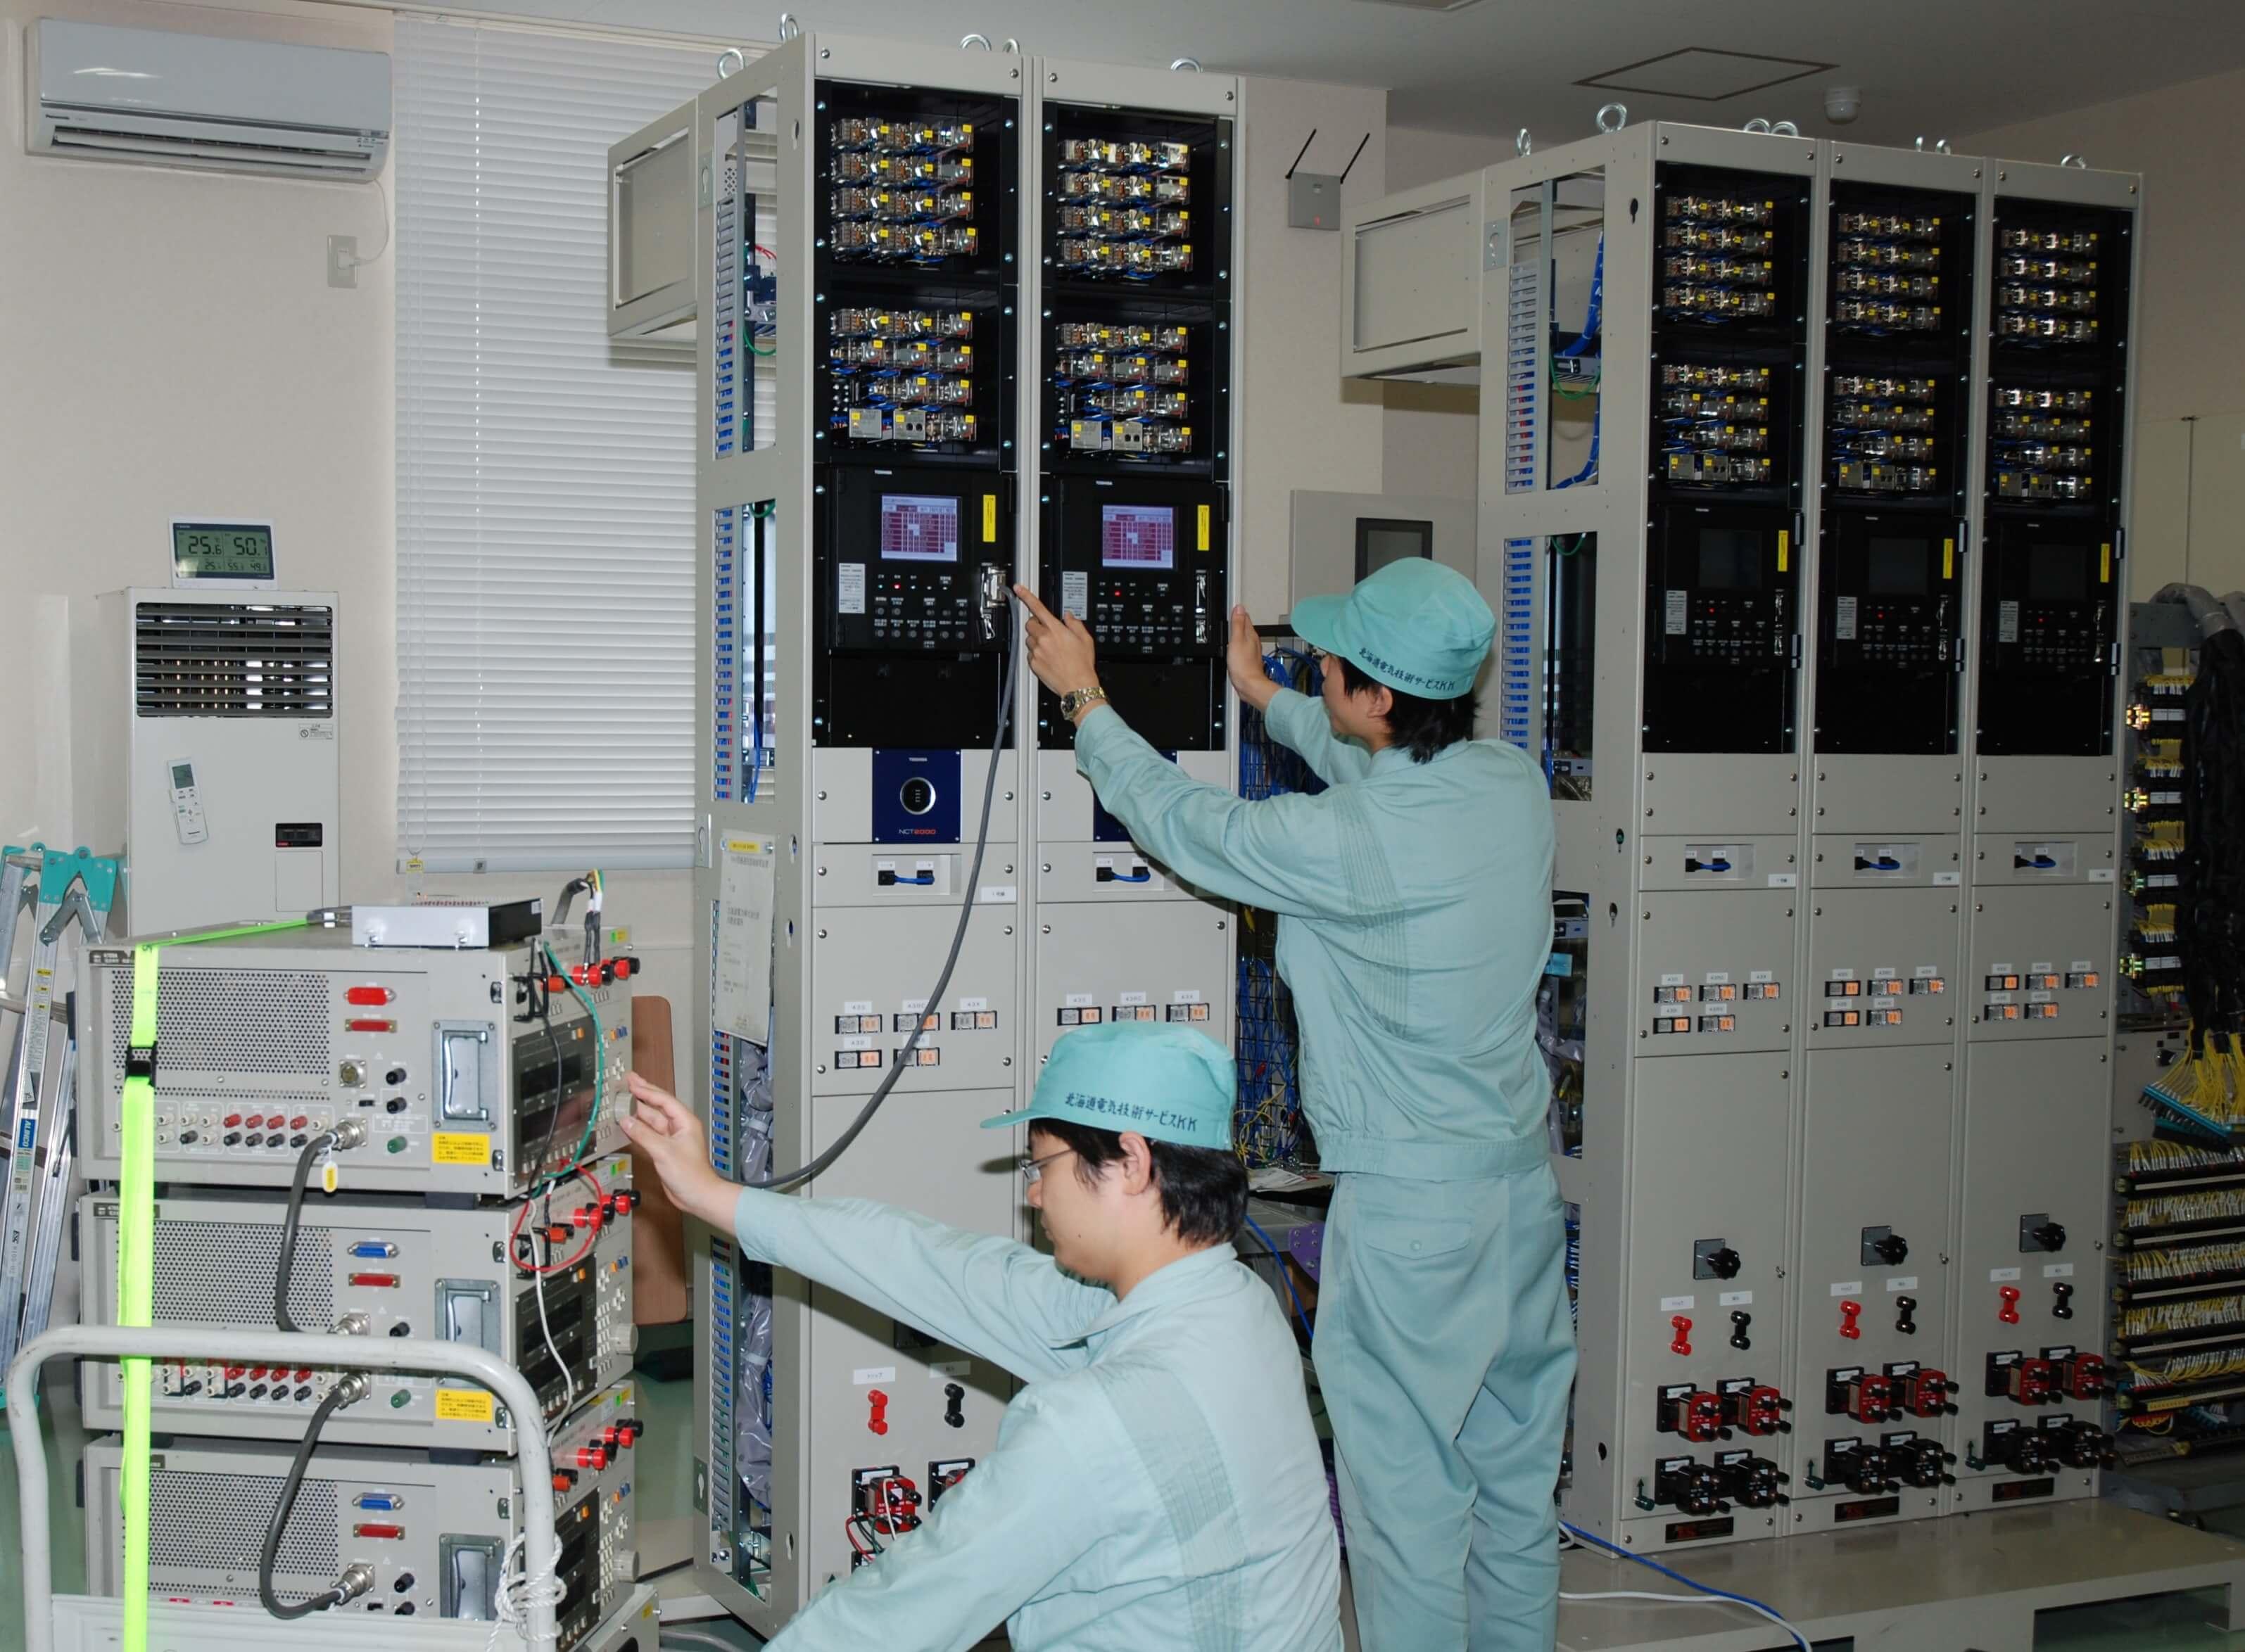 北海道電気技術サービス株式会社